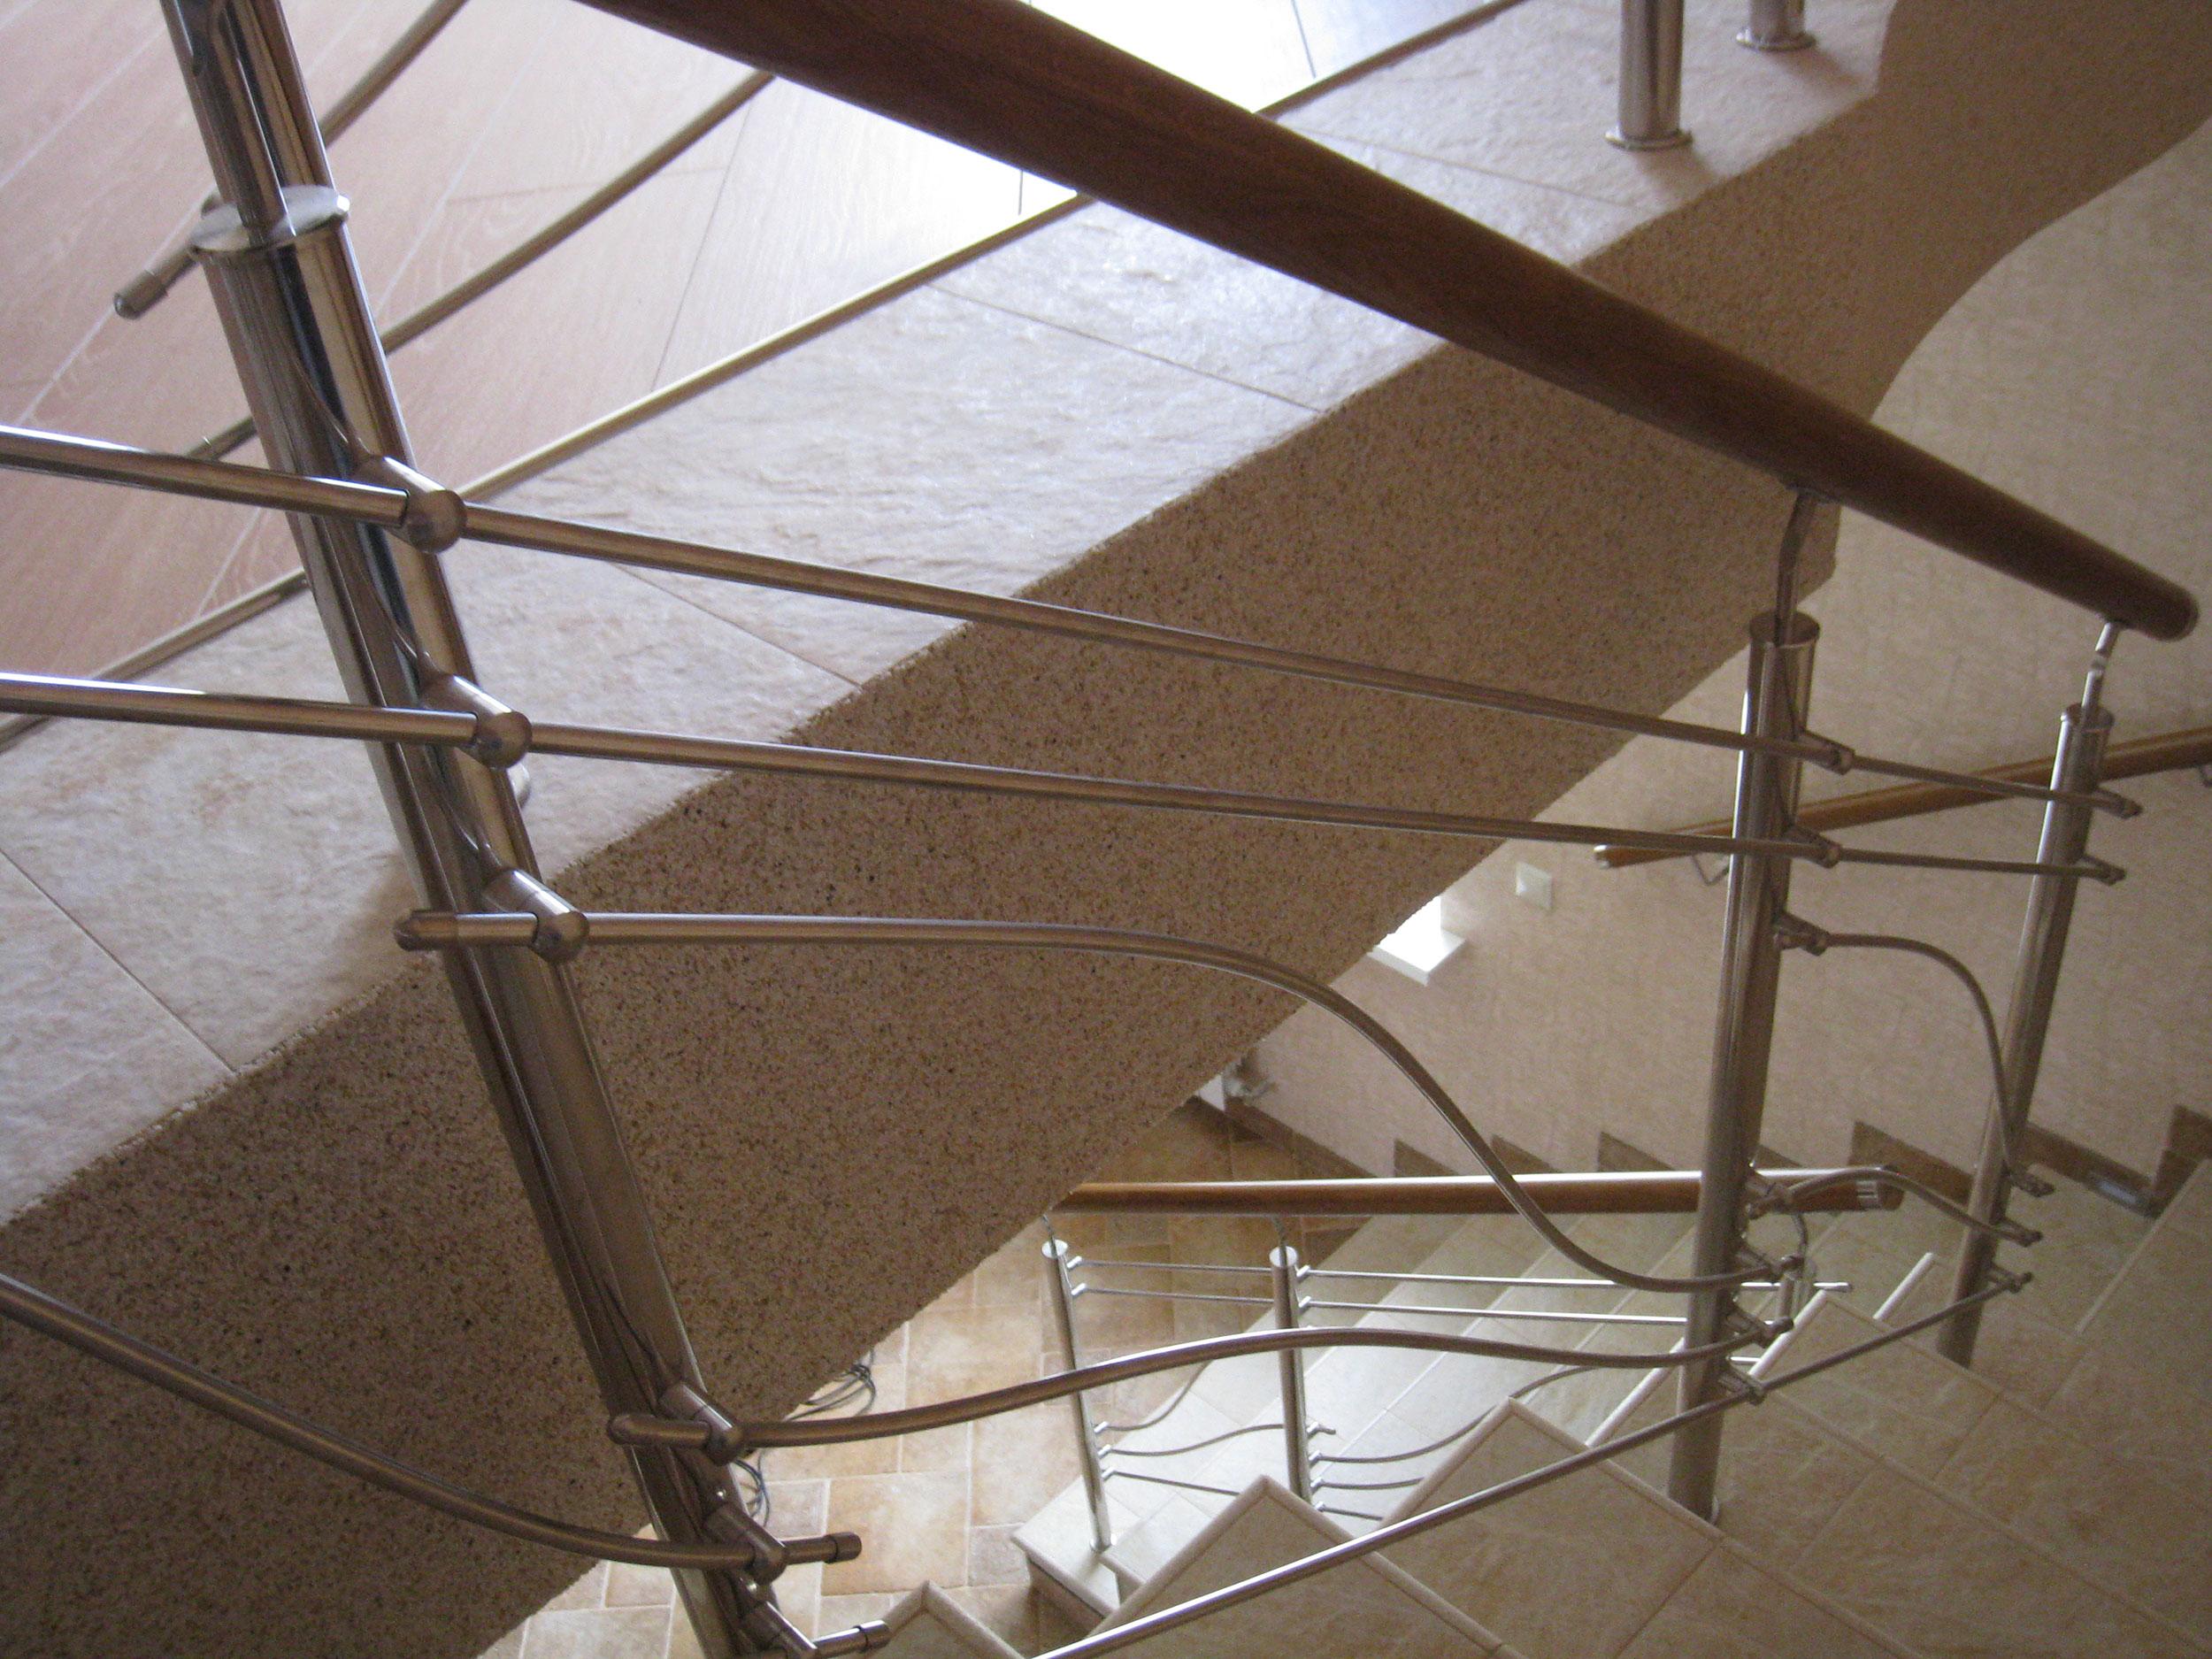 Комбинированные перила из нержавеющей стали и дуба в сочетании с прямыми и изогнутыми ригелями